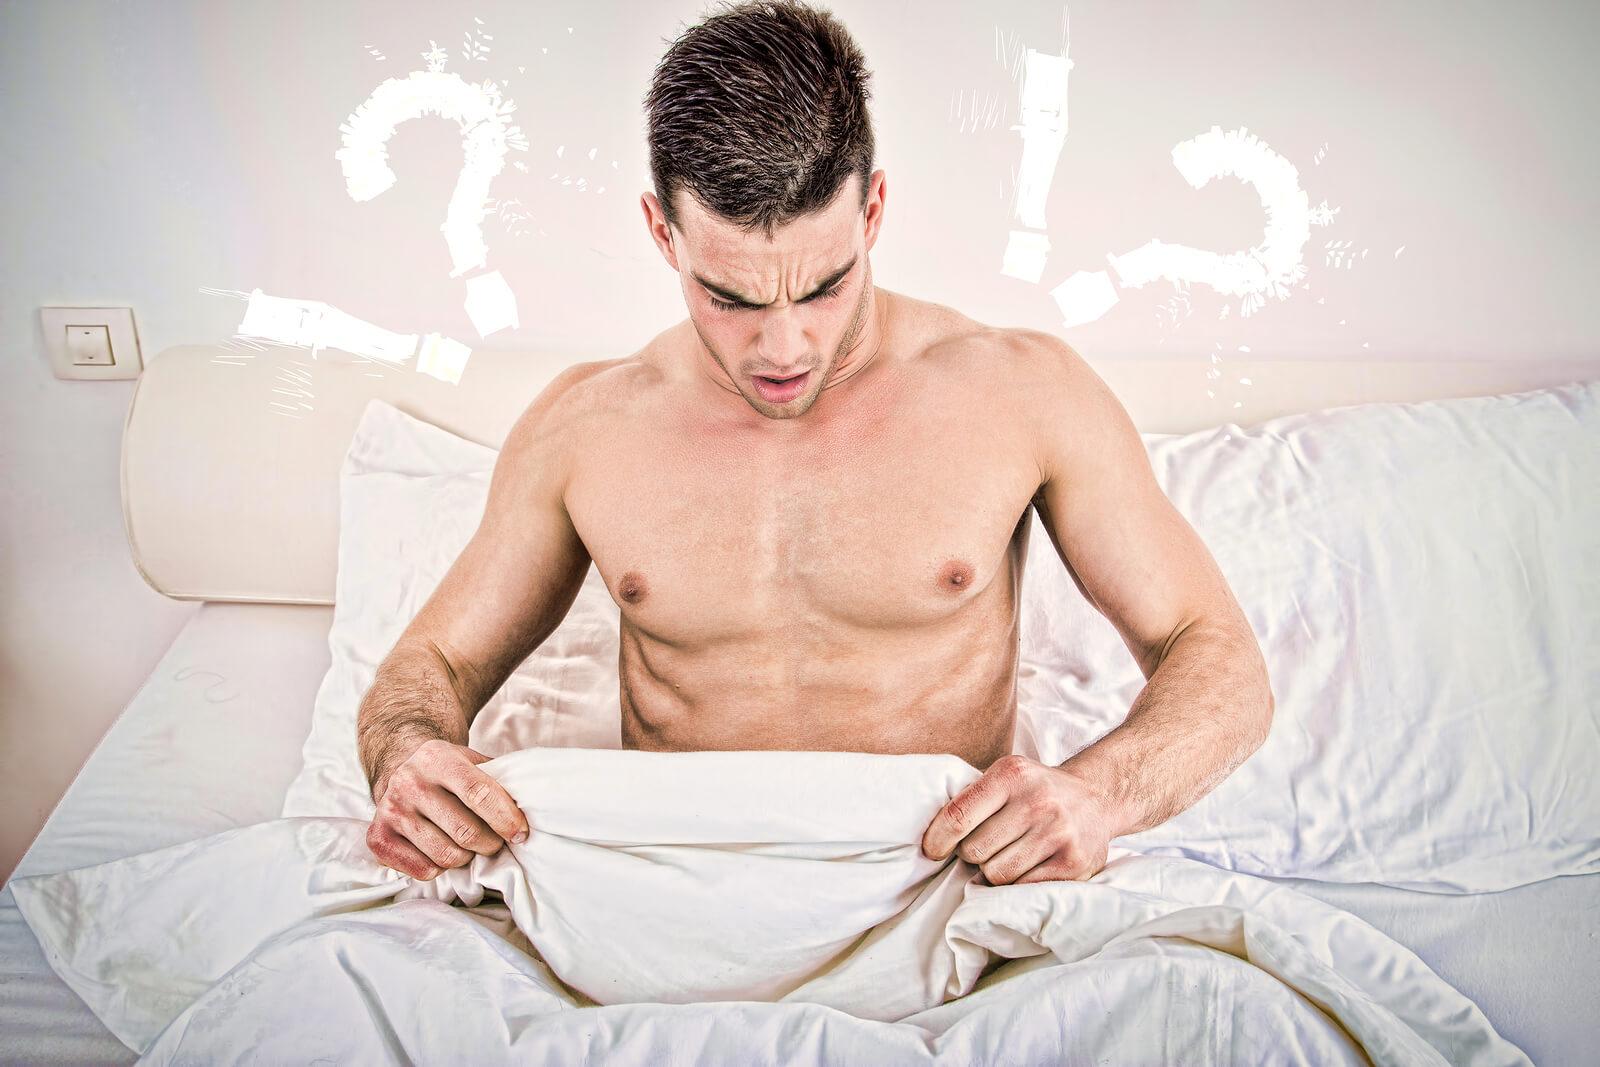 de ce este un penis moale în timpul unei erecții